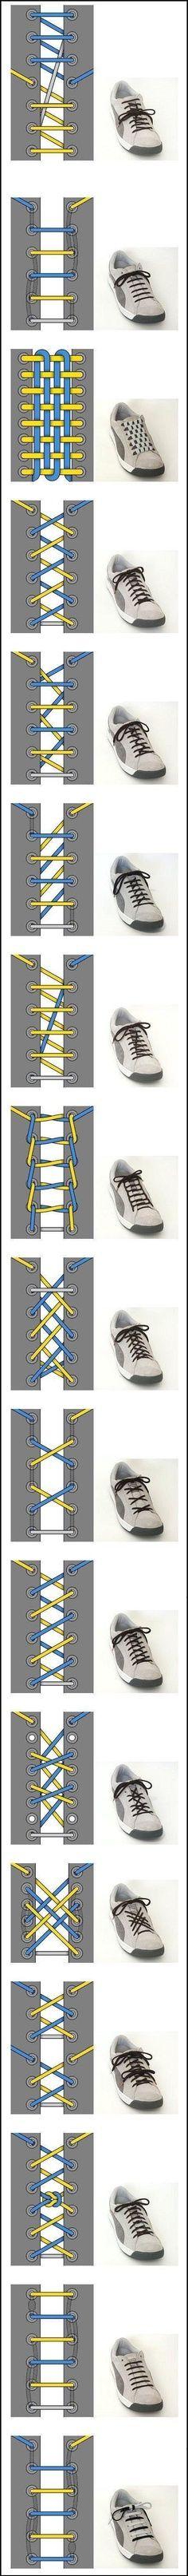 <3 Ayakkabılarınızı kaç değişik şekilde bağlayabilirsiniz? <3